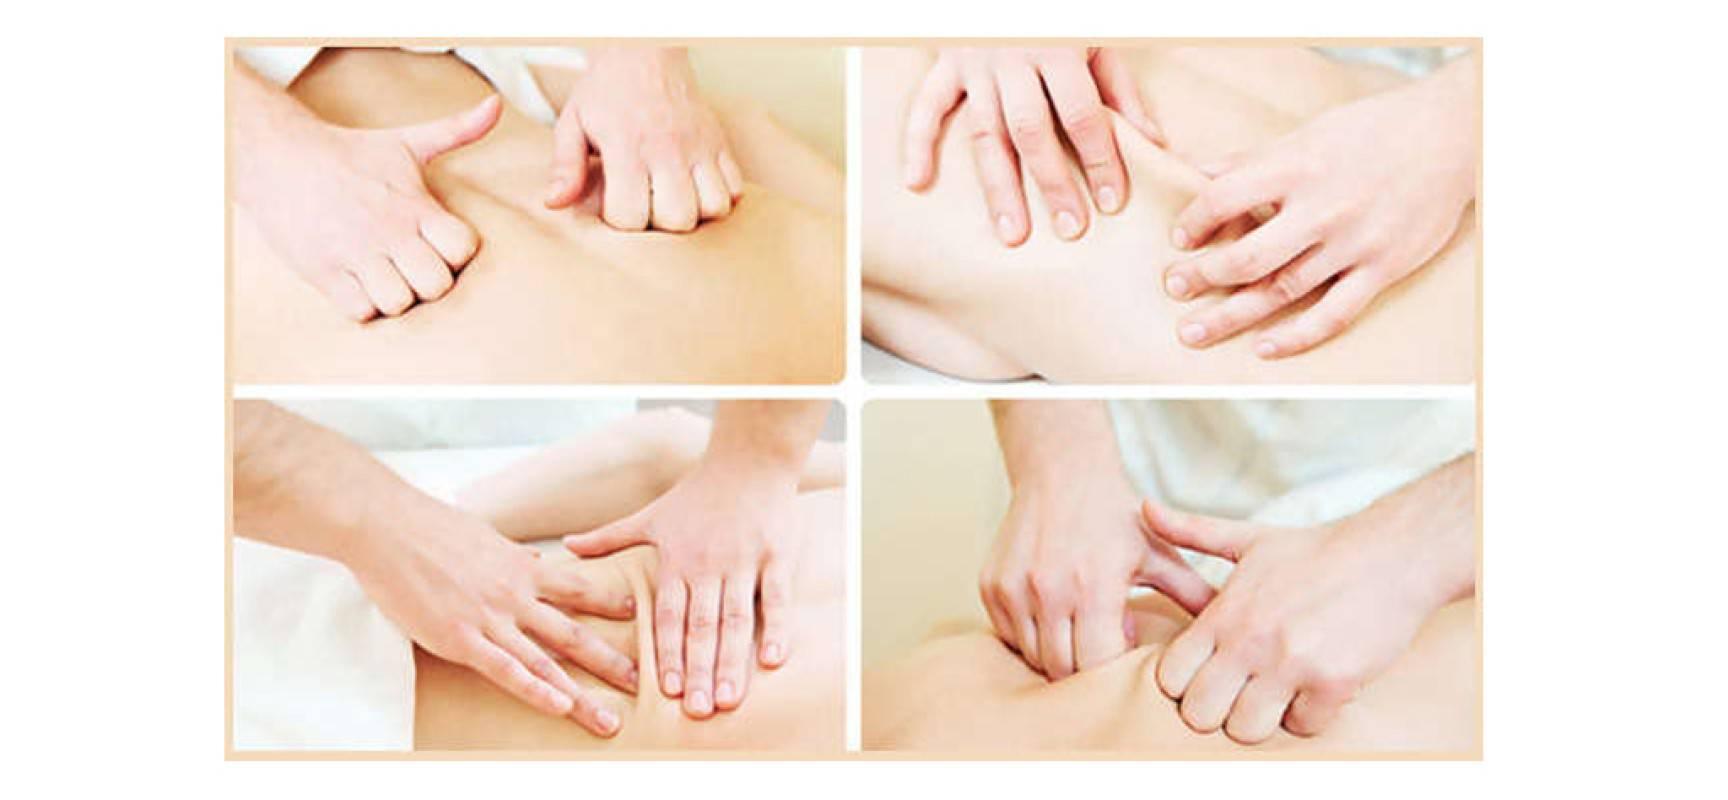 Основные движения для массажа